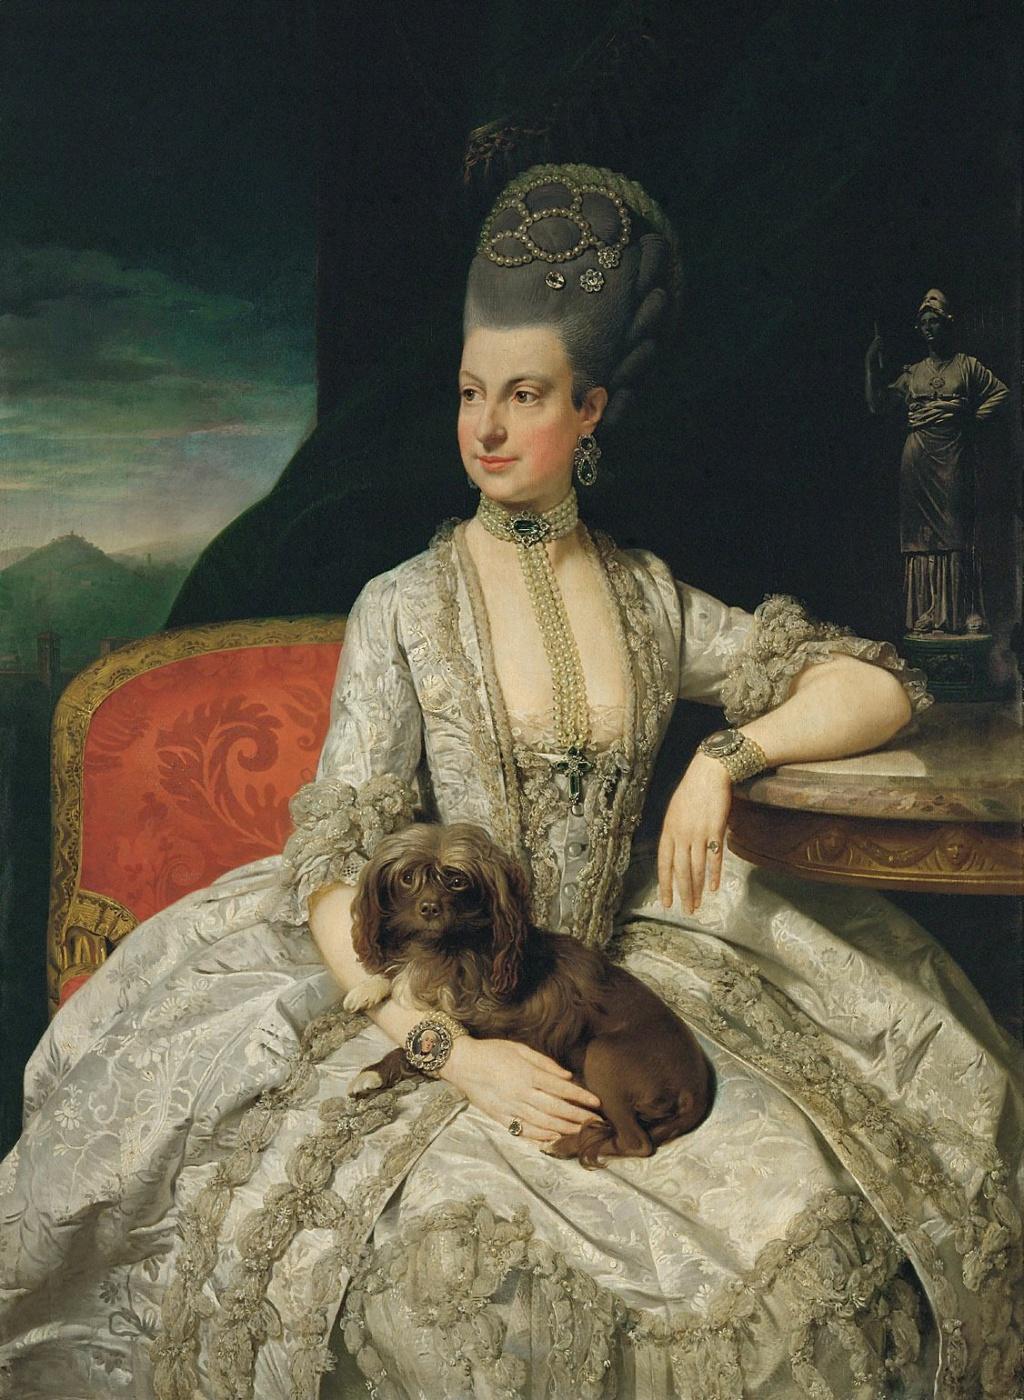 Enquête sur un tableau retrouvé de Marie-Antoinette attribué à Jean-Laurent Mosnier (vers 1776) Zoffan10